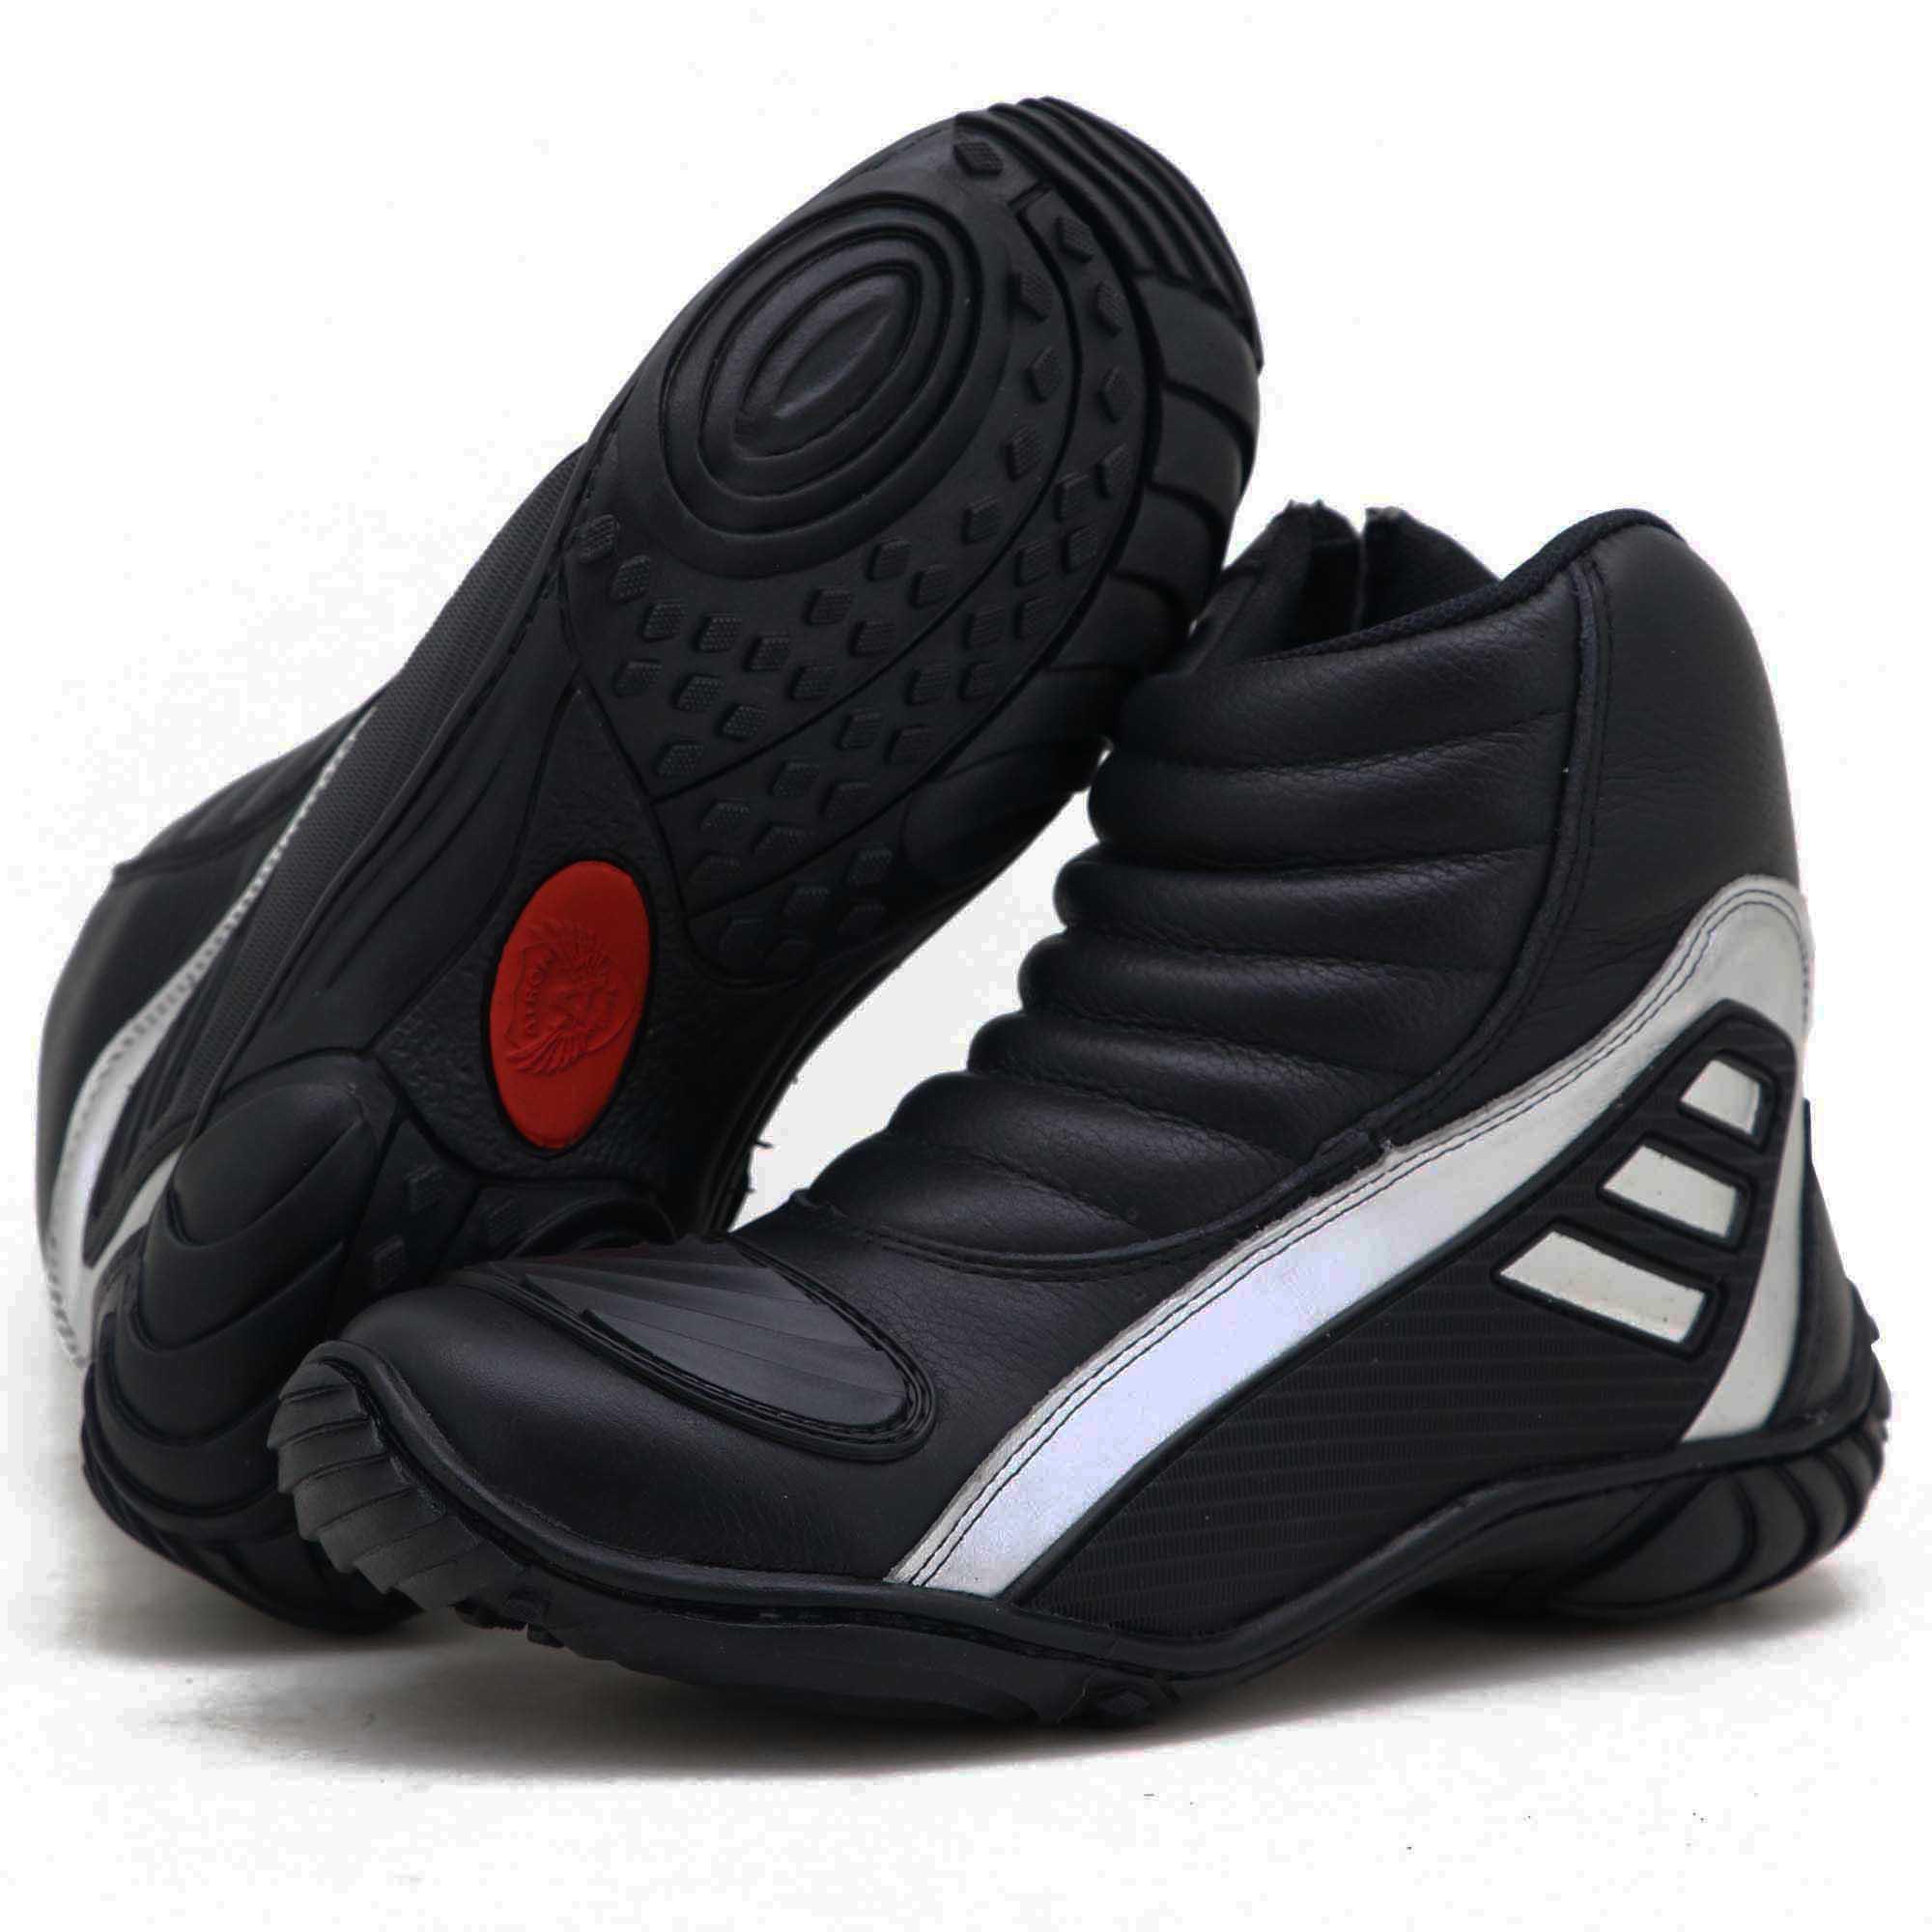 Bota motociclista Atron Shoes Refletiva em couro legítimo resistente a água nas cores preto e prata 279